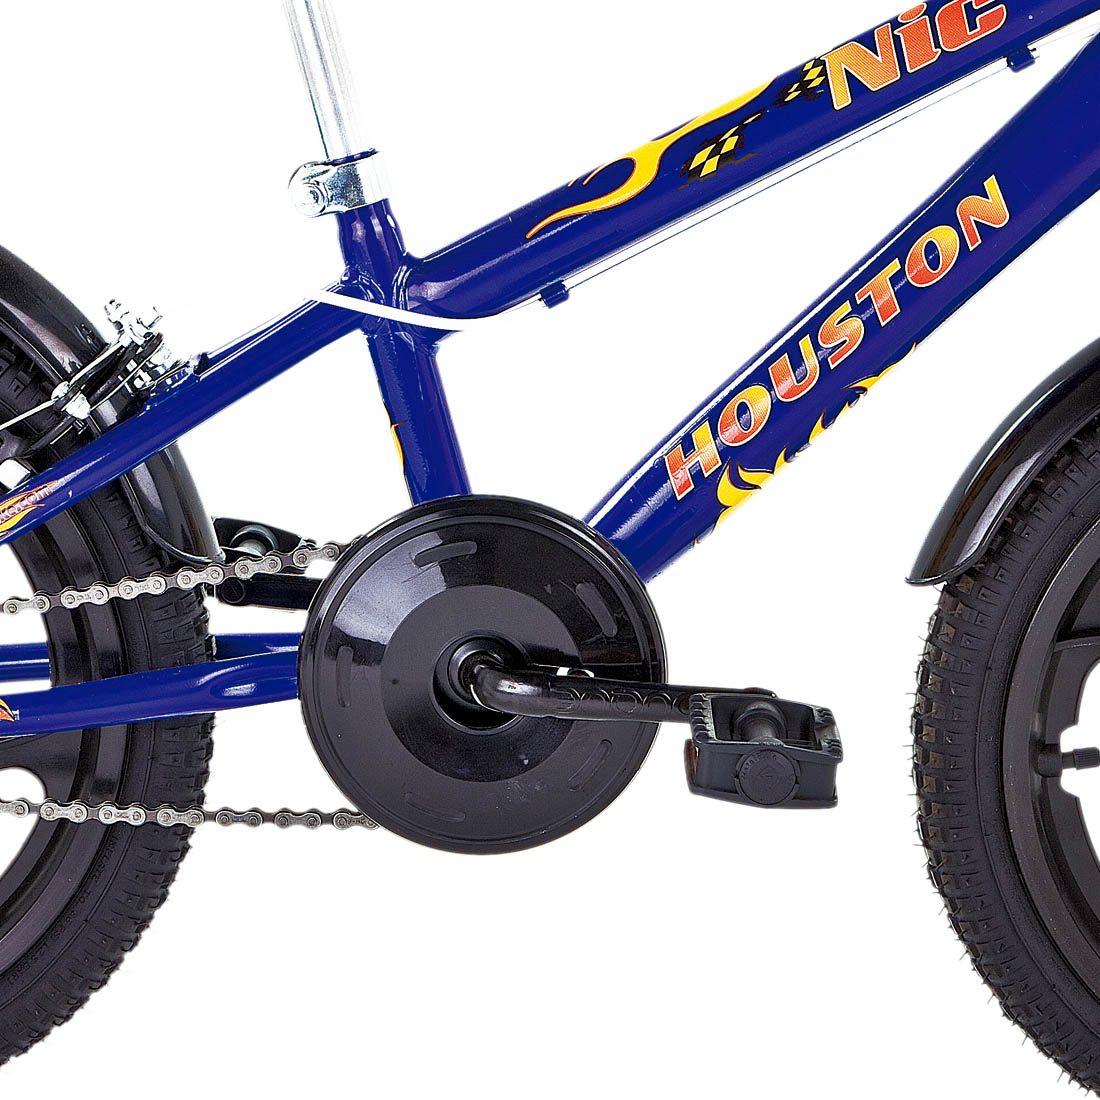 c293c020d bicicleta aro 16 houston nic azul com bolsa e capacete. Carregando zoom.